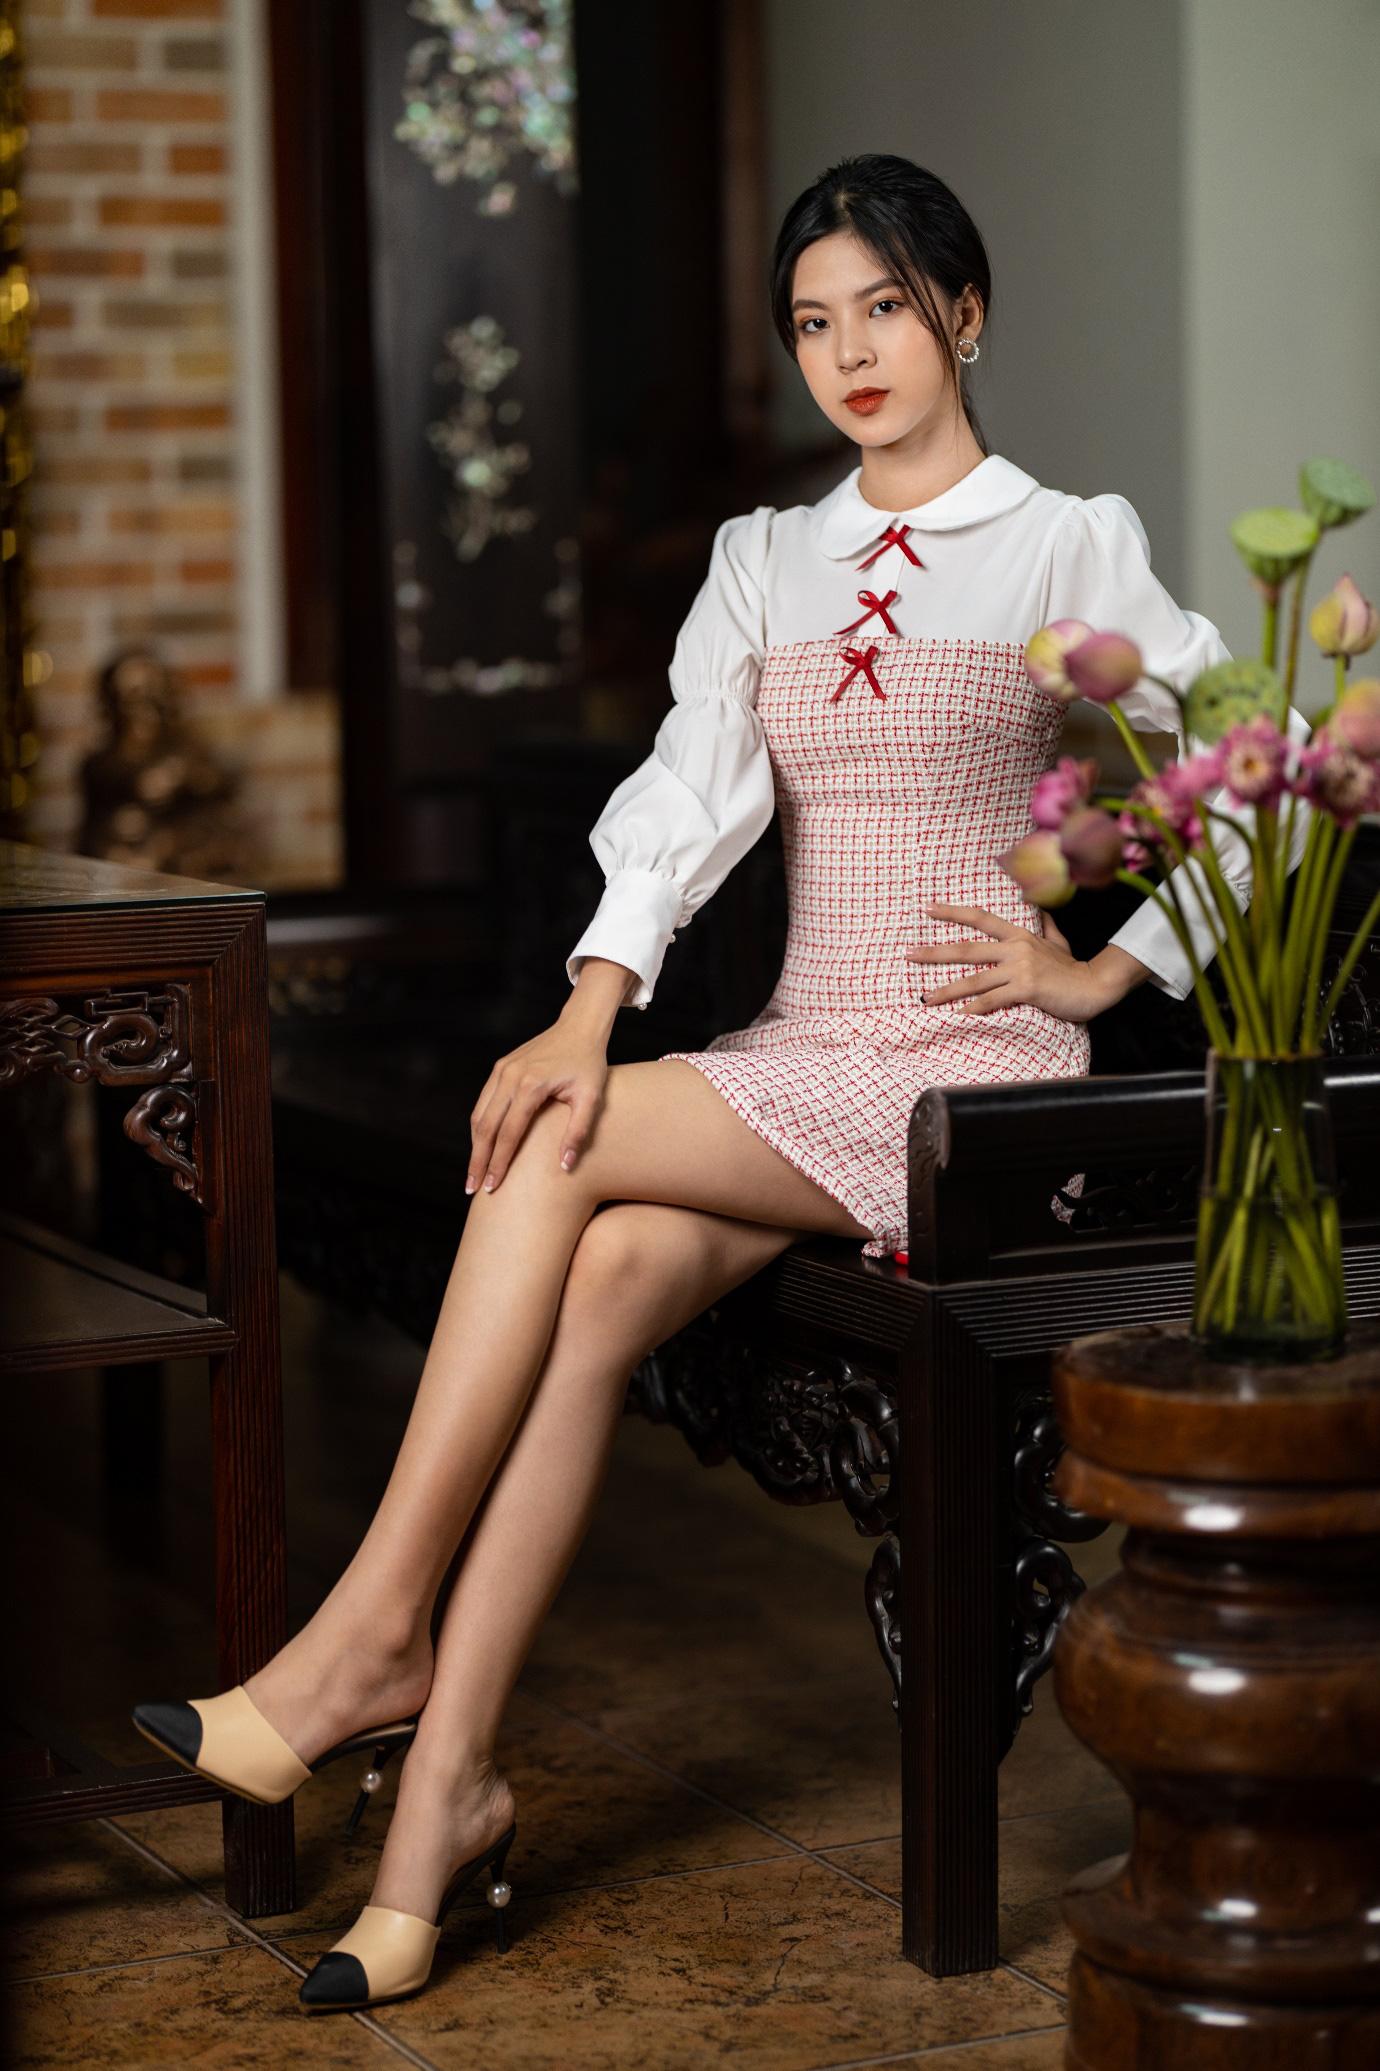 Gợi ý 8 mẫu váy đỏ đẹp cực phẩm, biến nàng trở thành tiêu điểm từ tiệc tất niên cho tới buổi du xuân đầu năm - Ảnh 6.